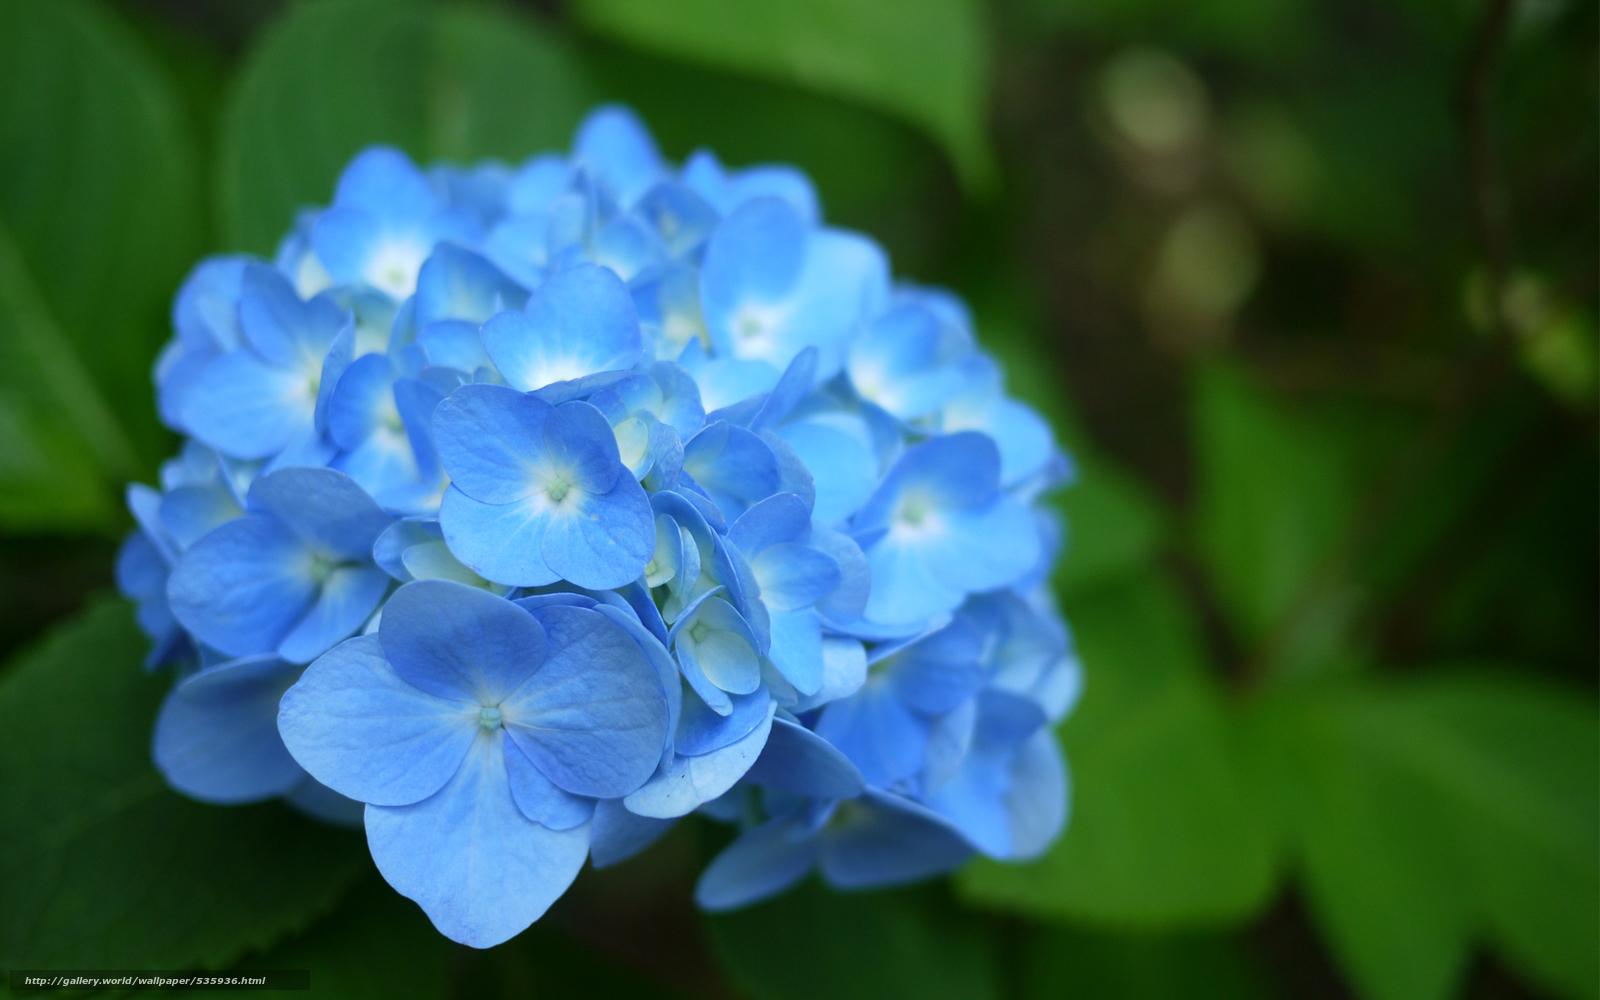 download hintergrund laub blau hortensien blume freie desktop tapeten in der auflosung. Black Bedroom Furniture Sets. Home Design Ideas